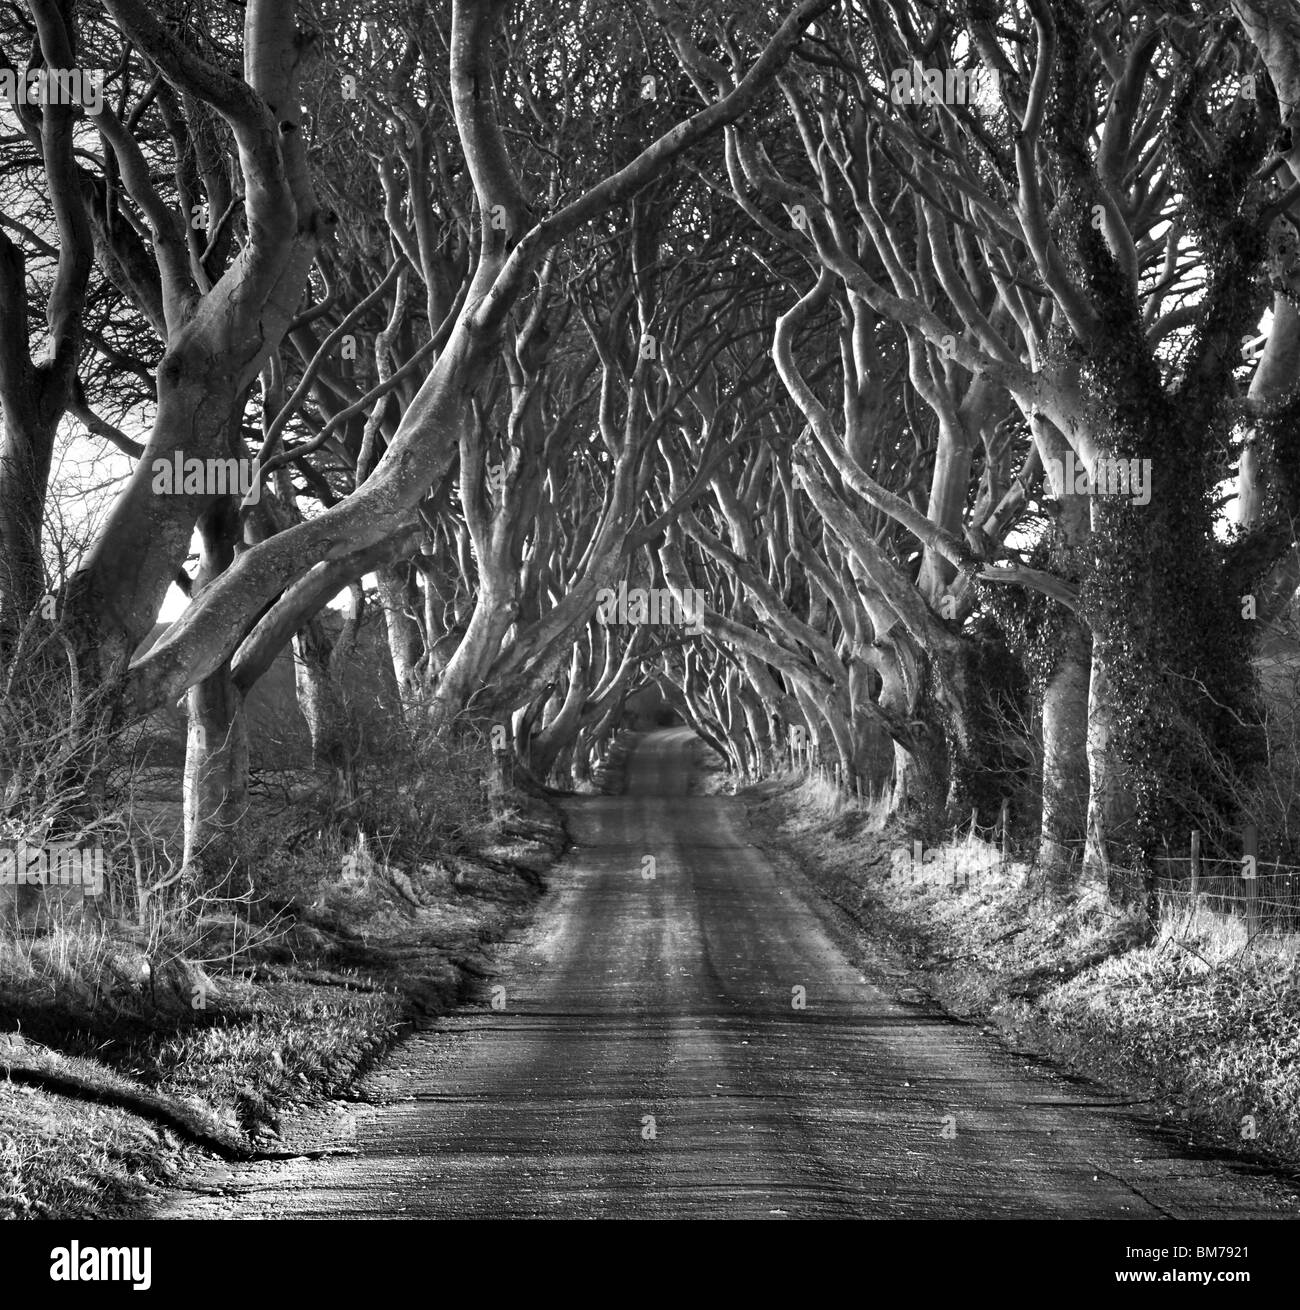 Die Dunkelheit Hecken, Armoy, Co. Antrim. Nordirland. Stockbild